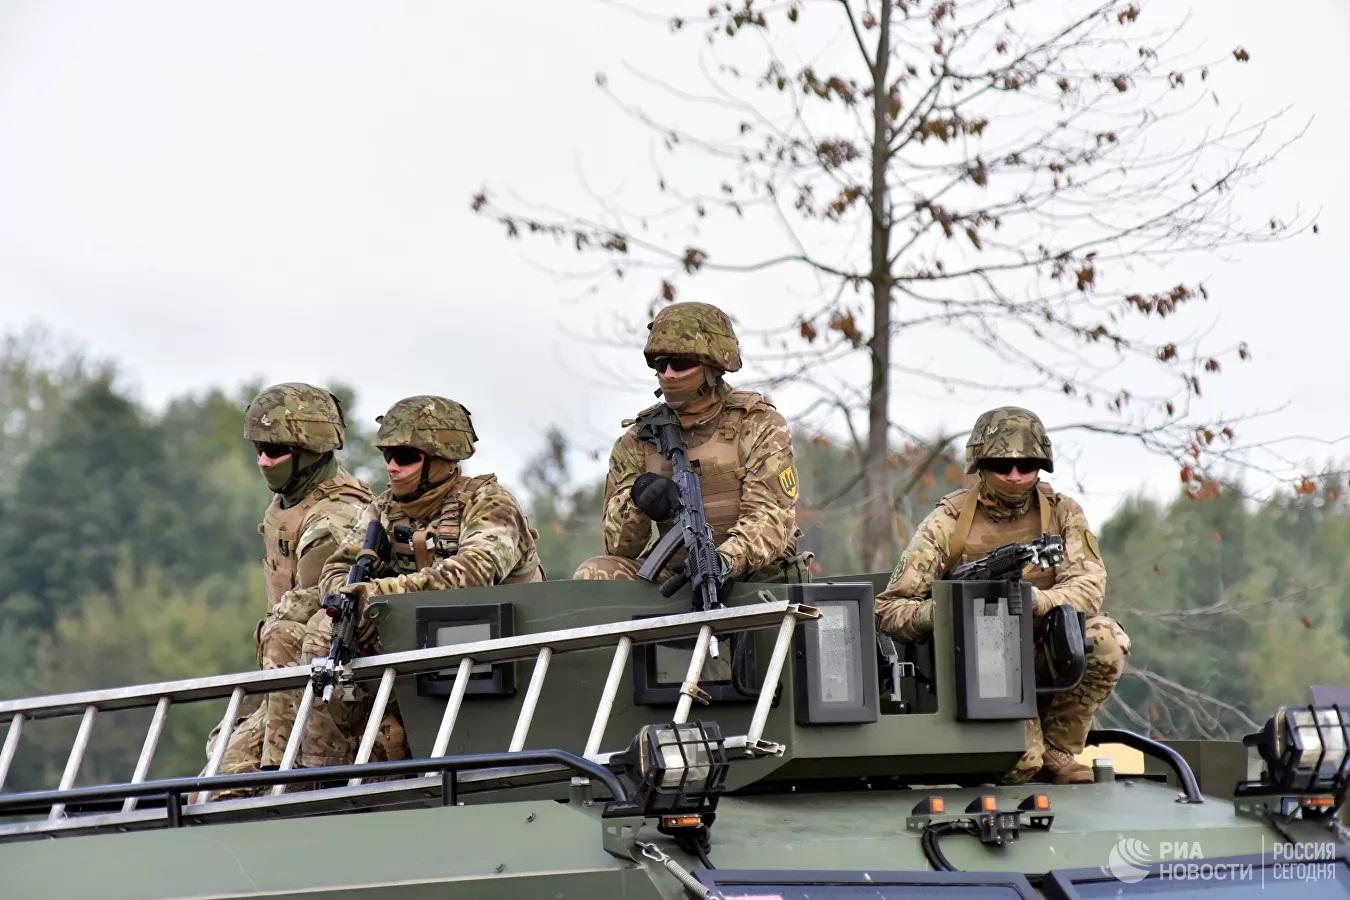 Phương Tây sẽ không bảo vệ Ukraine bằng các biện pháp quân sự